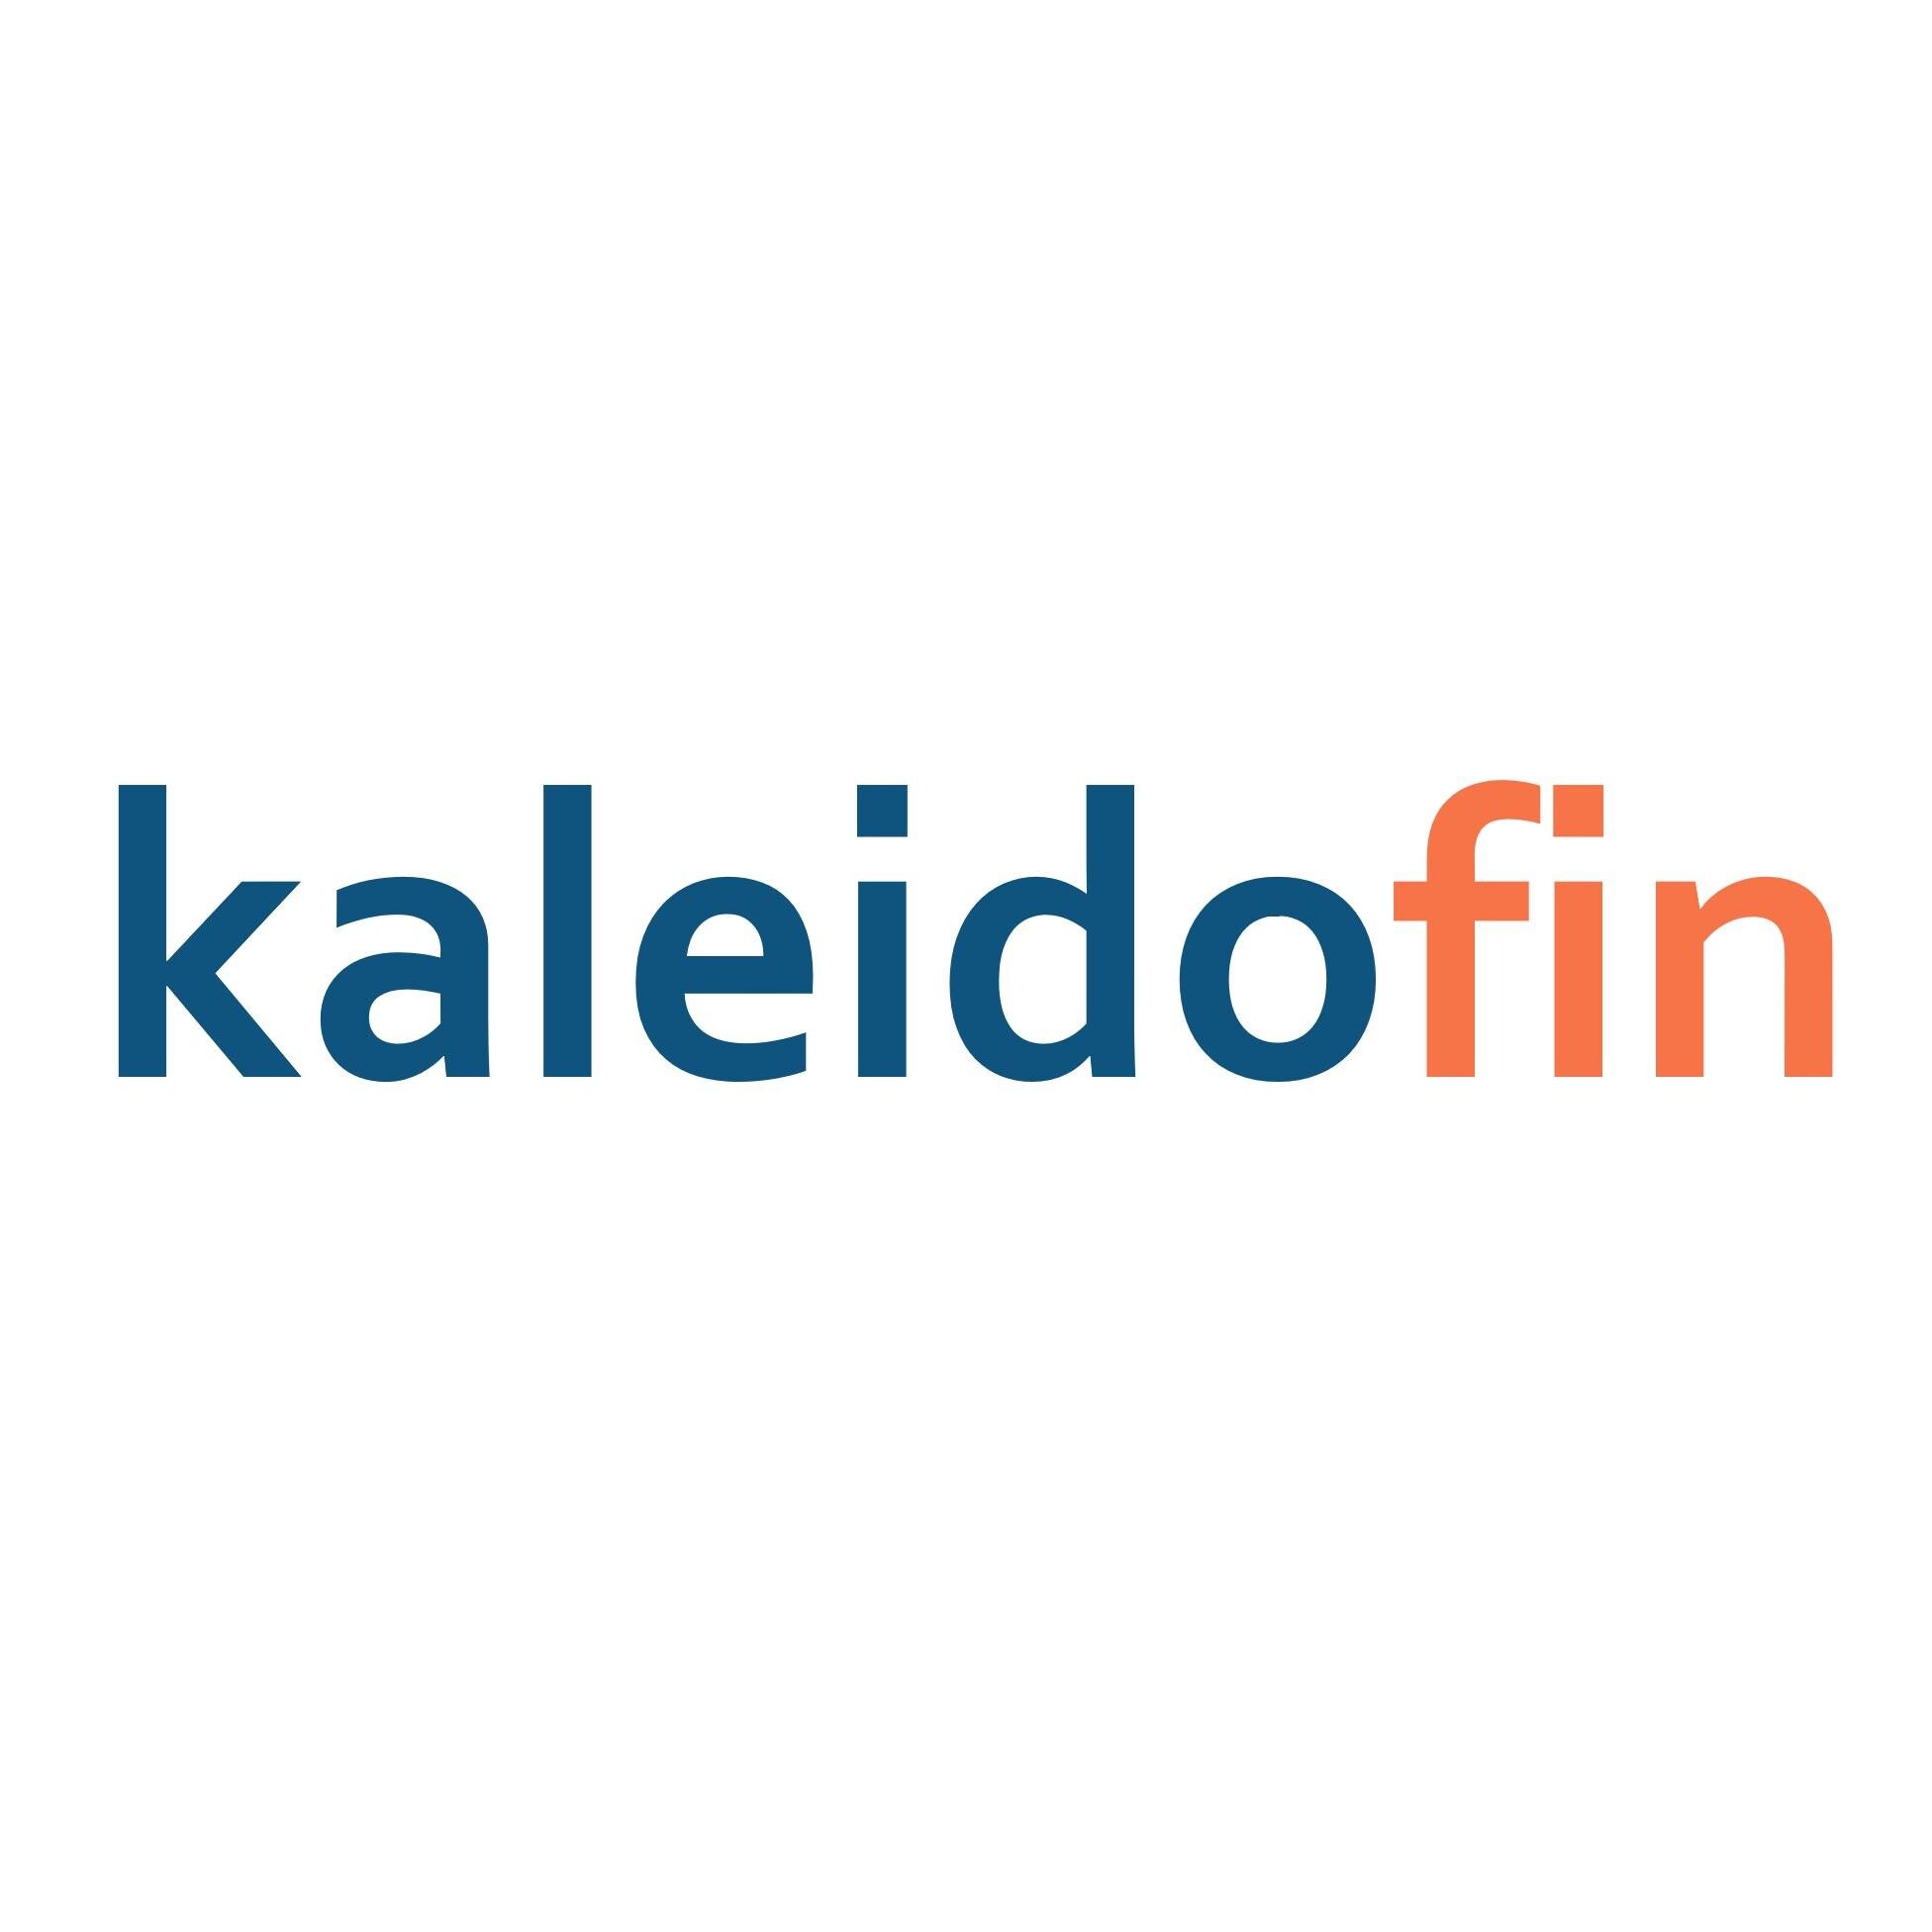 kaleidofin